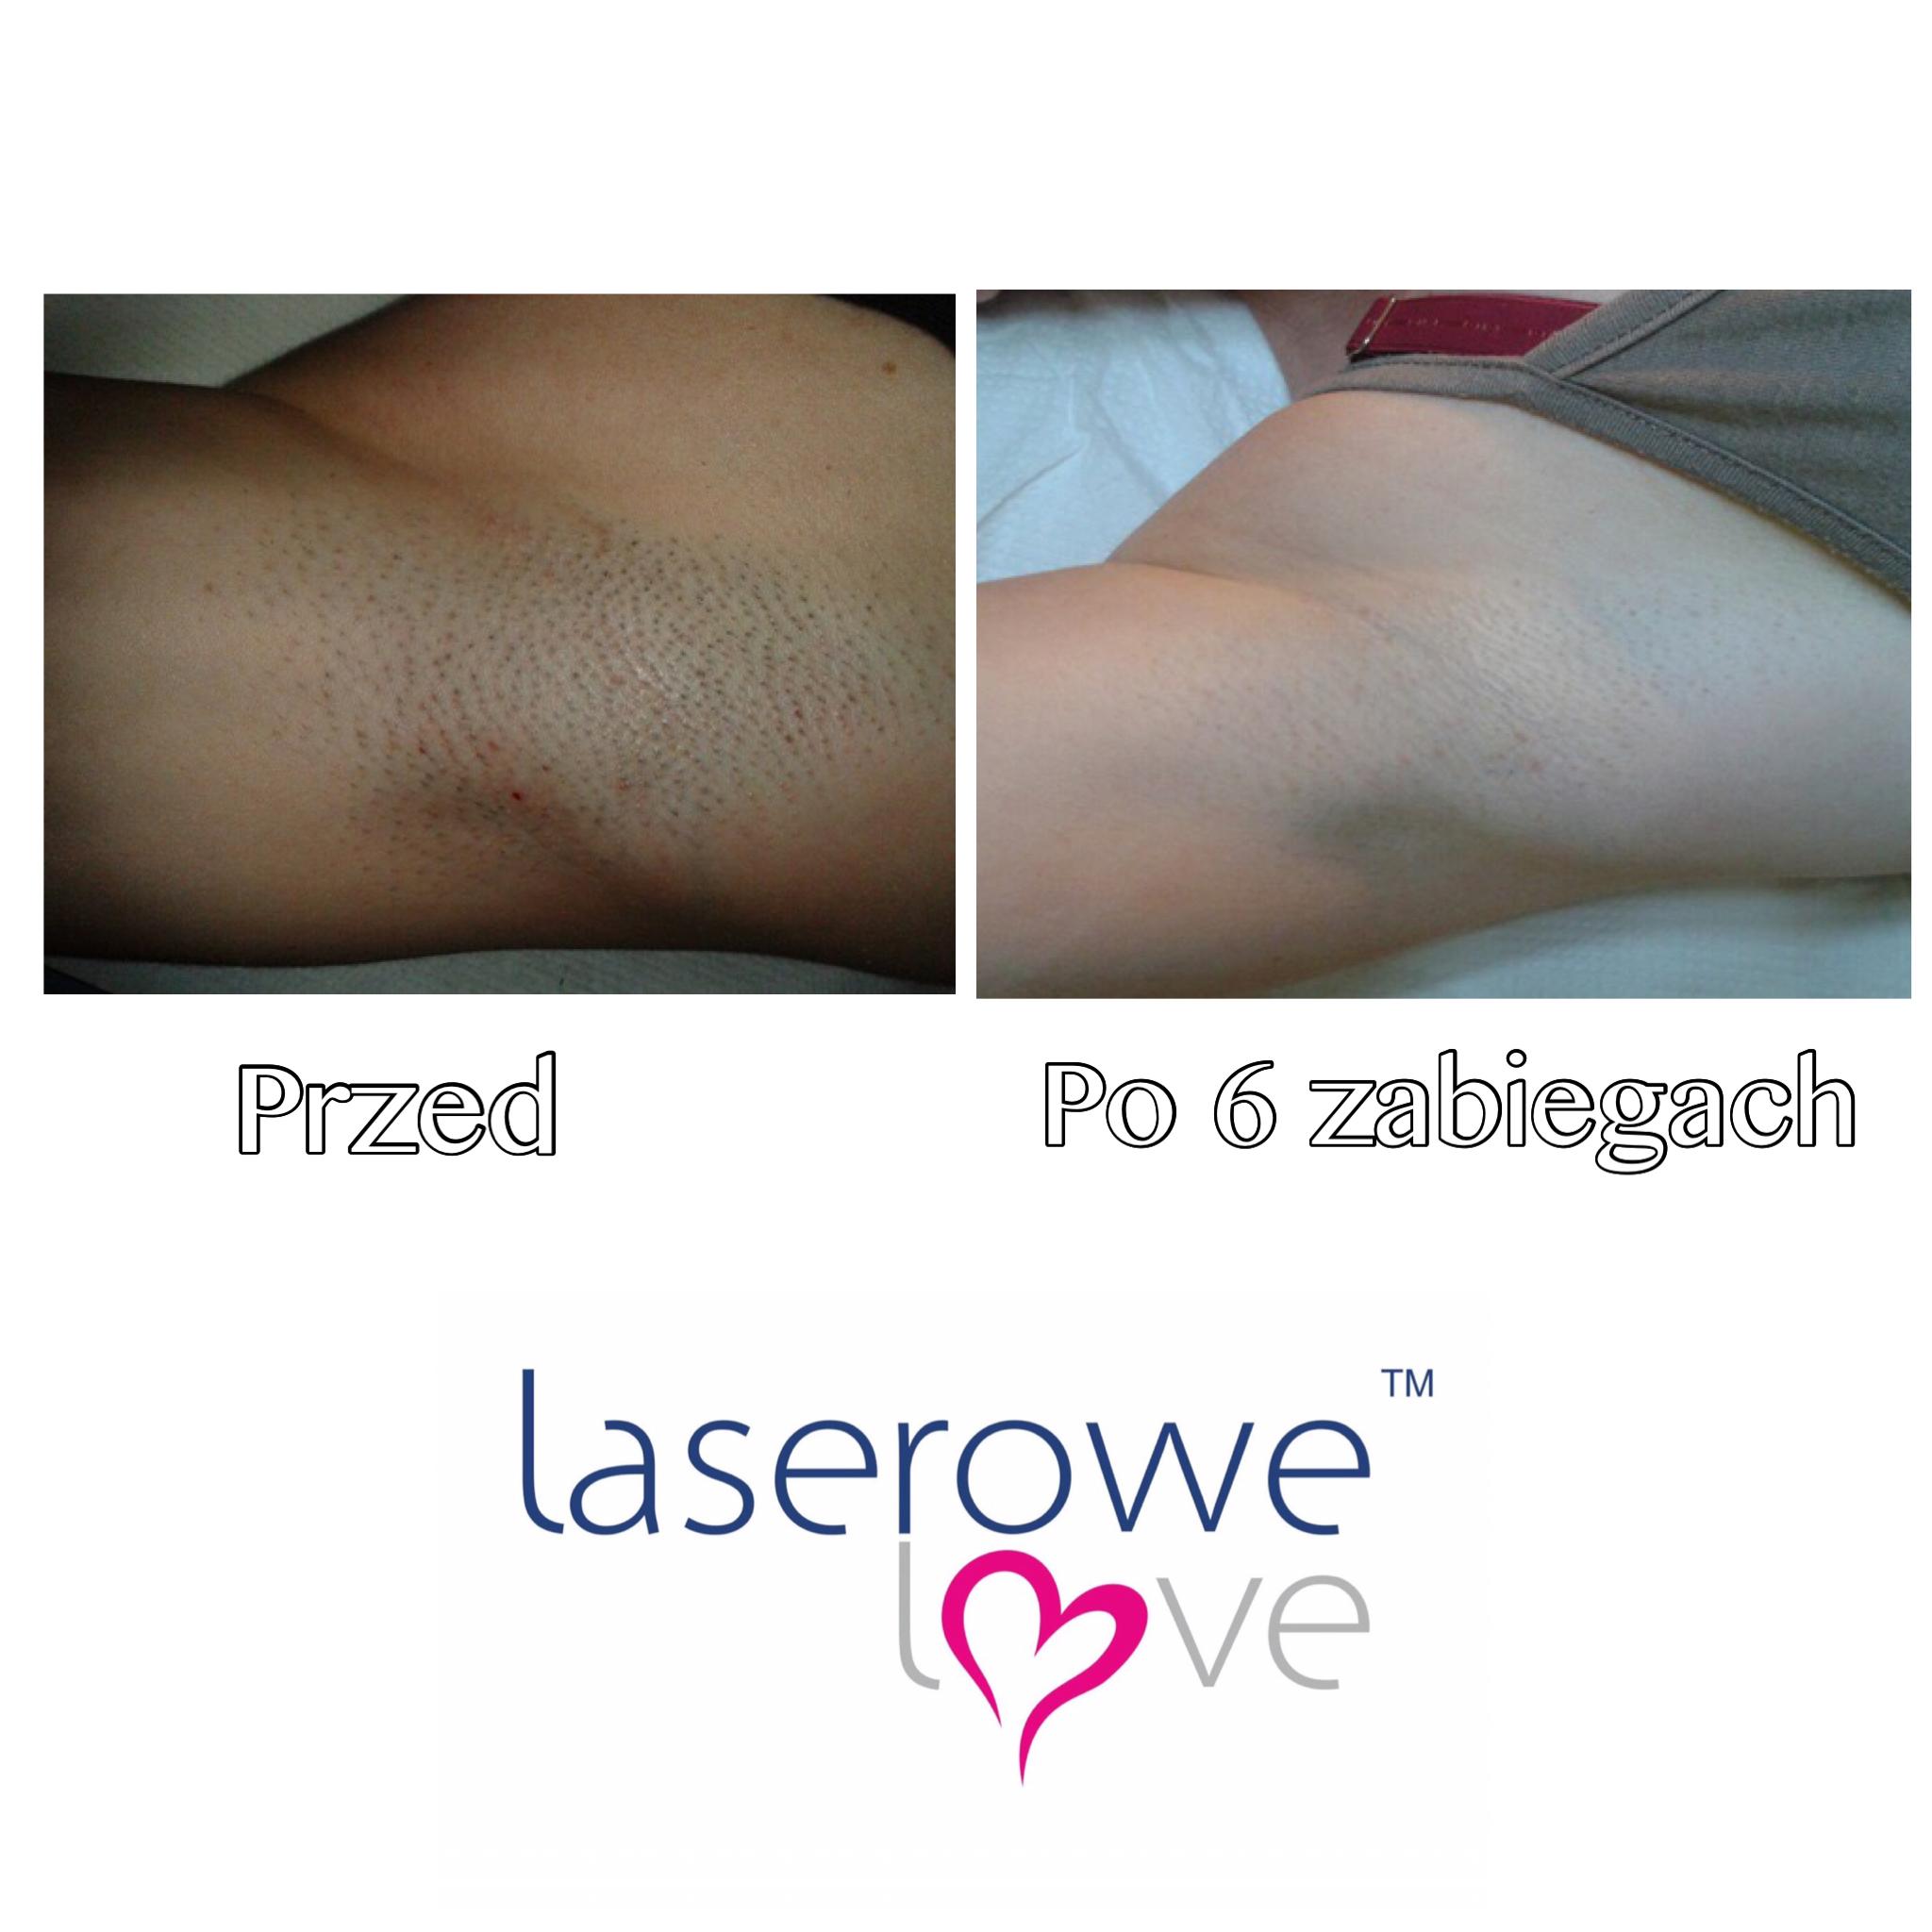 laserowe-love-raciborz-ightsheer-desire-trwale-skuteczne-usuwanie-owlosienia_7955 00.52.37